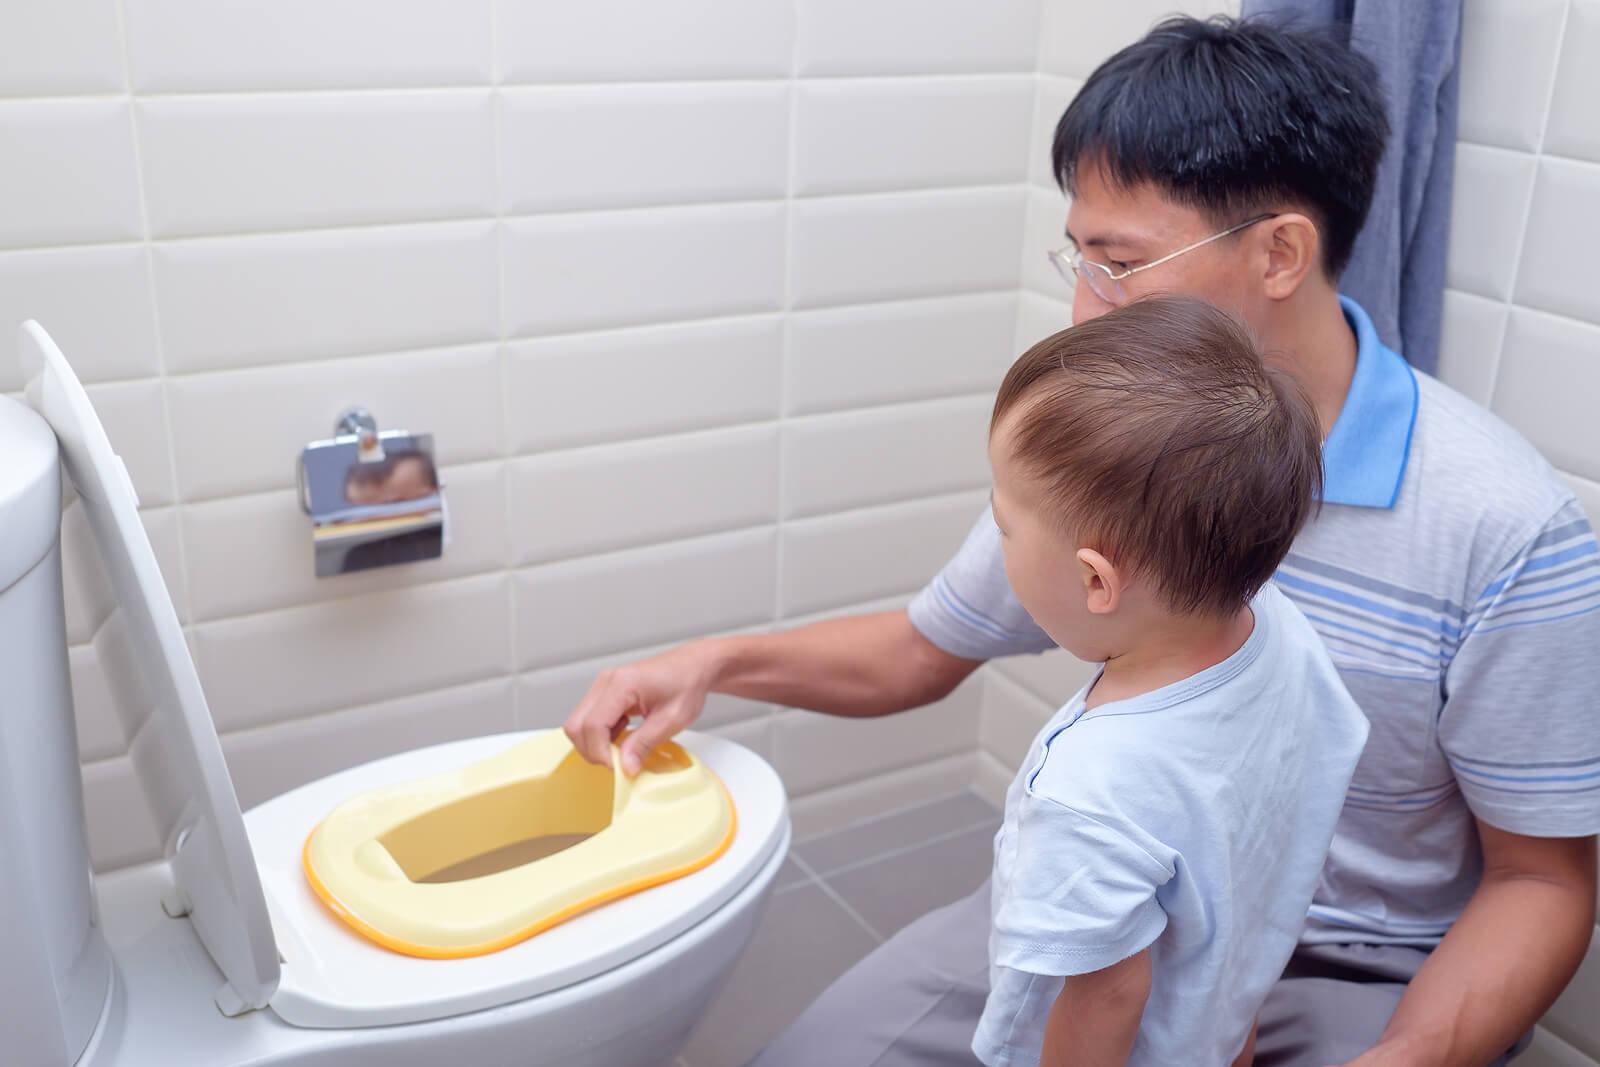 Padre enseñando a su hijo a usar el baño, porque un padre no es una niñera.